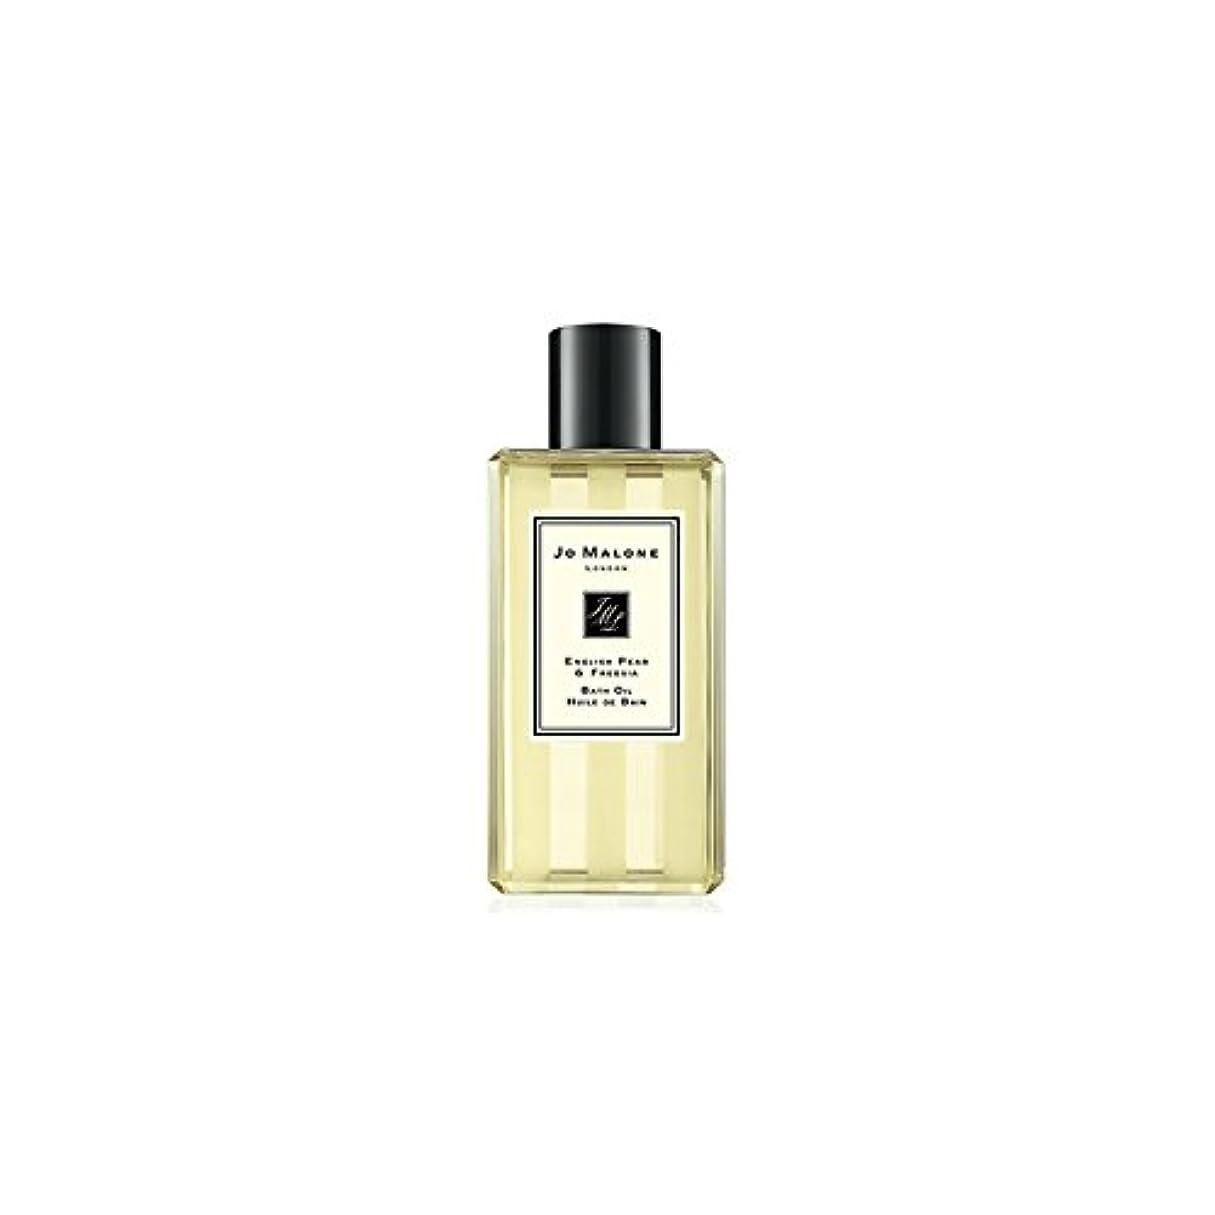 移植六月人Jo Malone English Pear & Freesia Bath Oil - 250ml (Pack of 2) - ジョーマローン英語梨&フリージアのバスオイル - 250ミリリットル (x2) [並行輸入品]